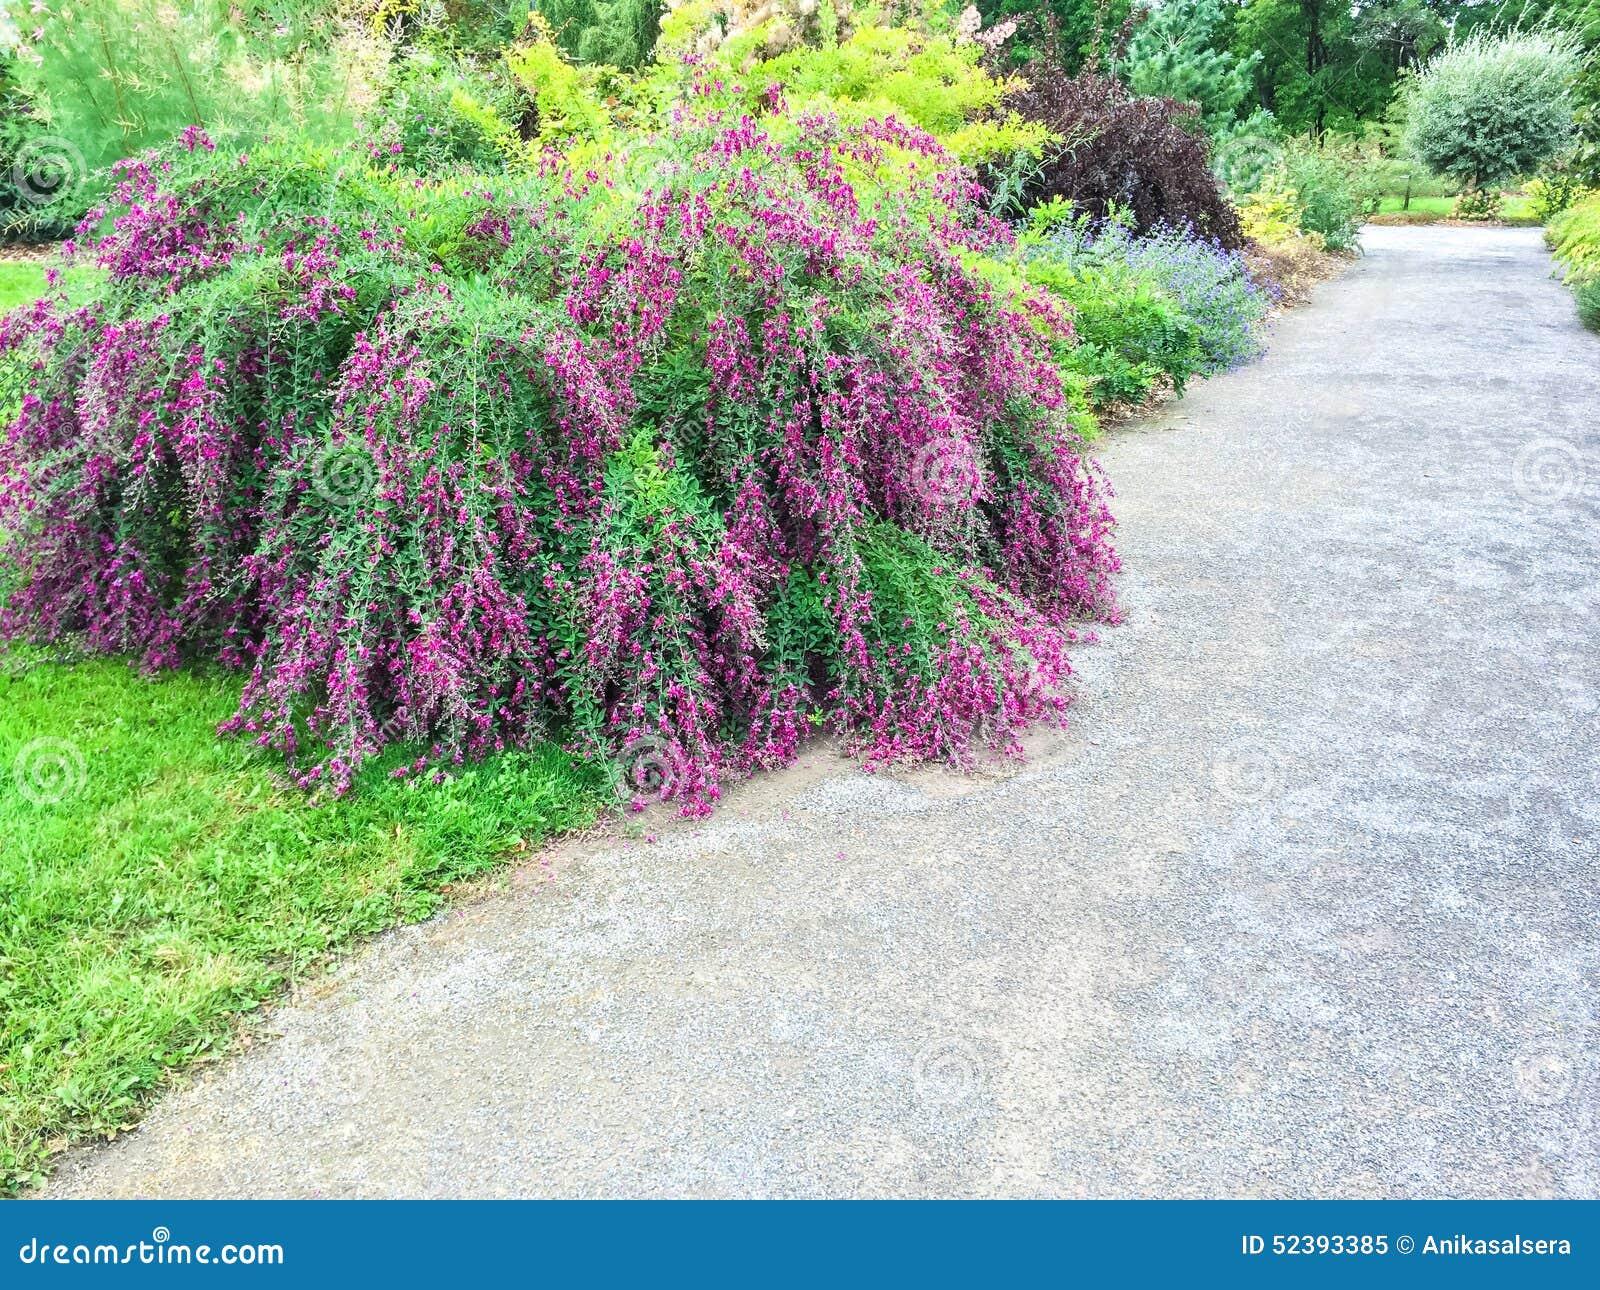 flores para jardim verao : flores para jardim verao:Plantas De Florescência Bonitas No Jardim Do Verão Foto de Stock